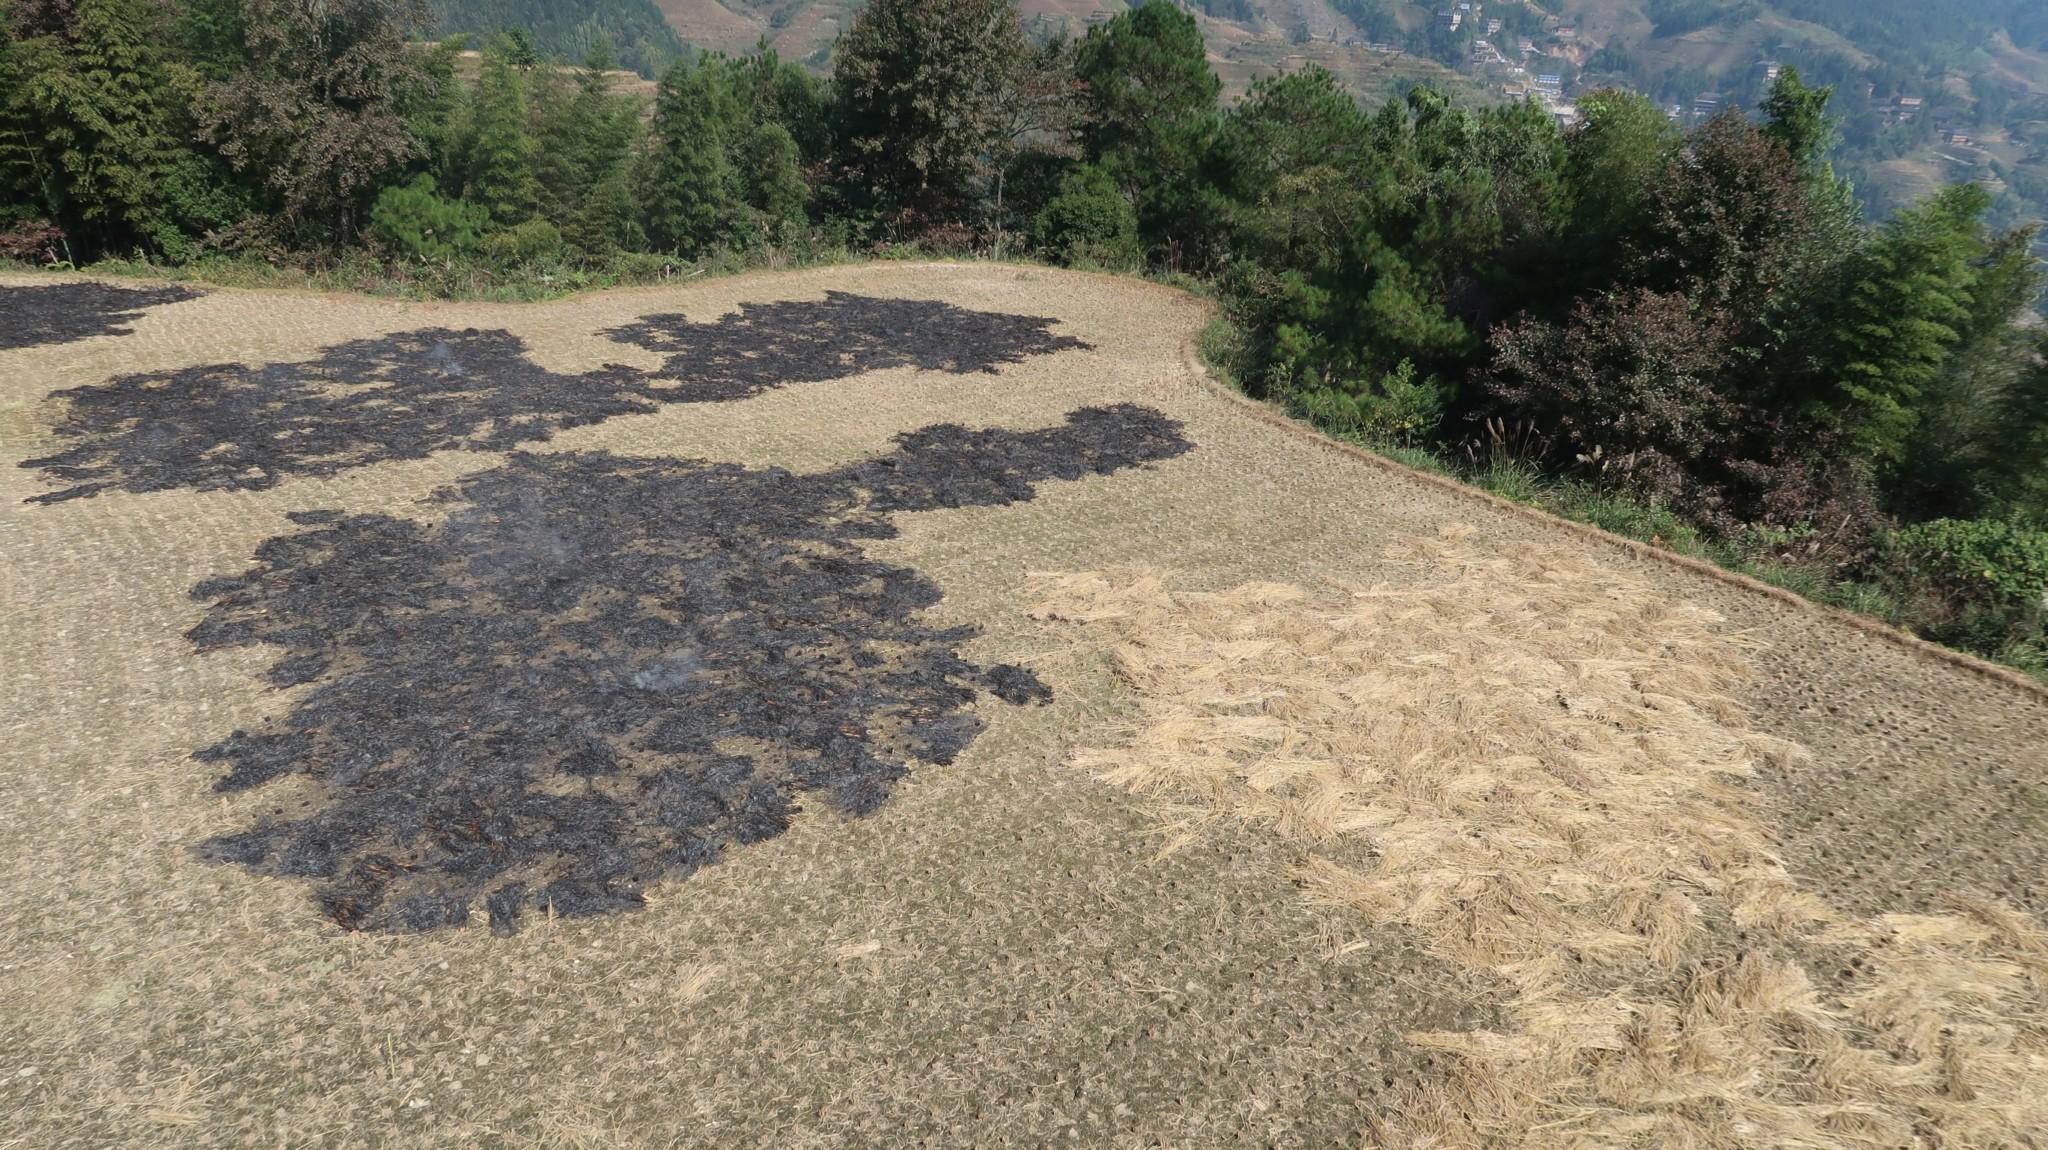 Abgebrannte Felder nach dem Reisschnitt , Tiantouzhai